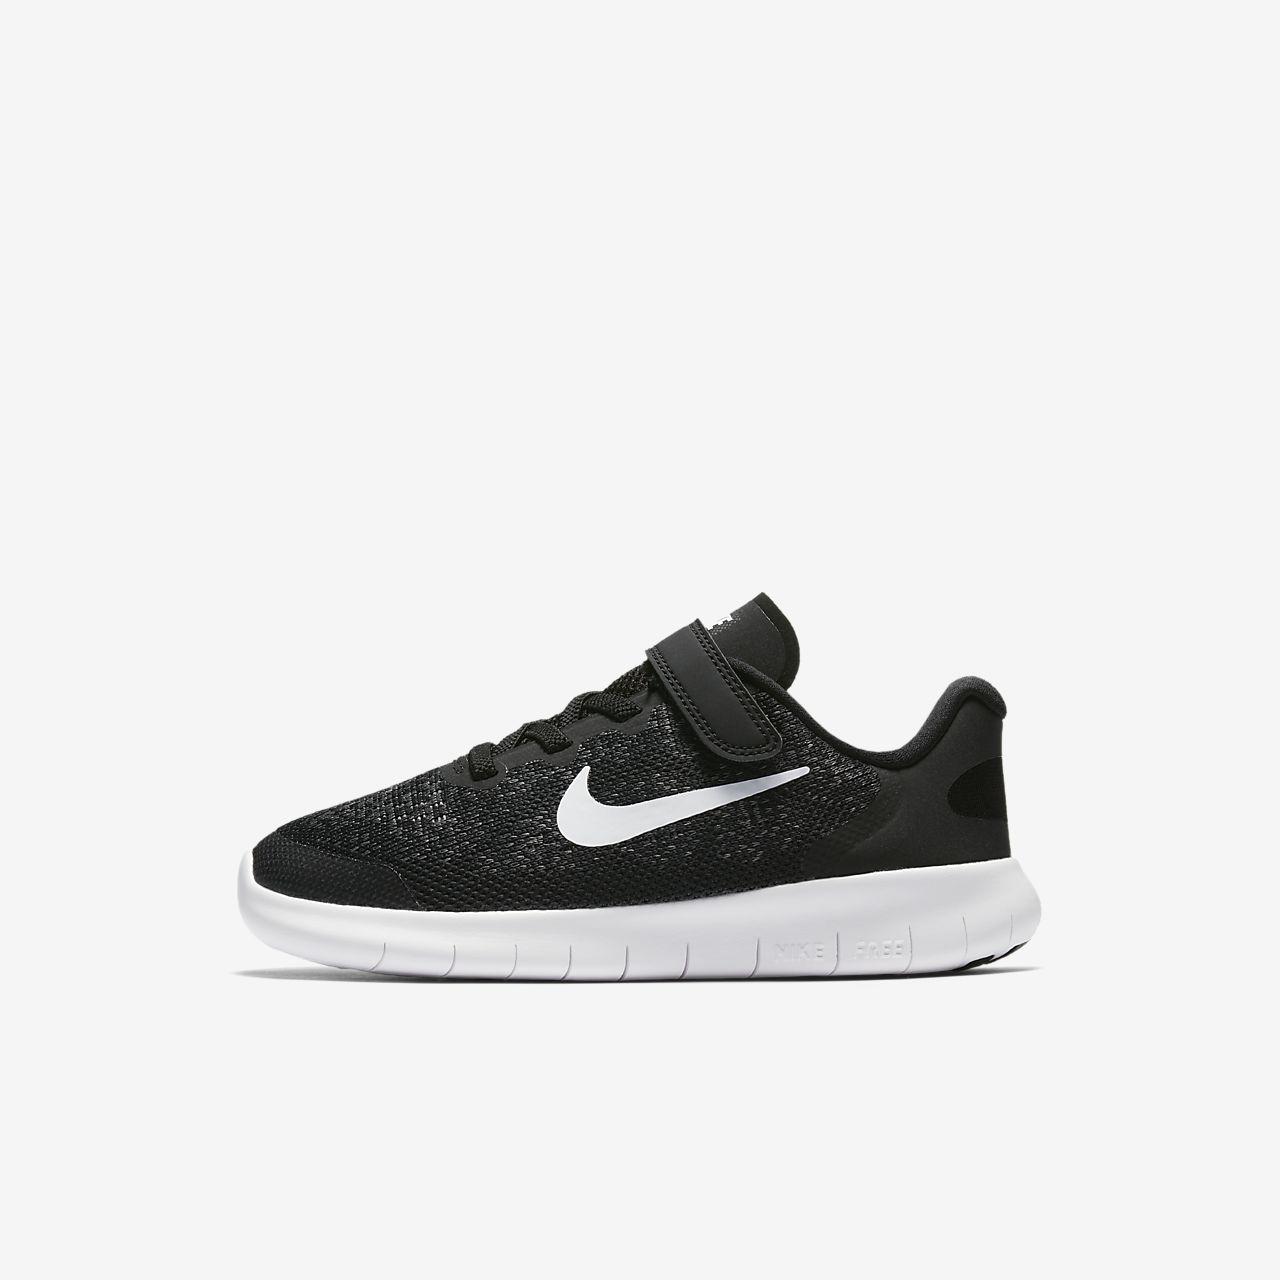 ... Nike Free RN 2017 Younger Kids' Running Shoe